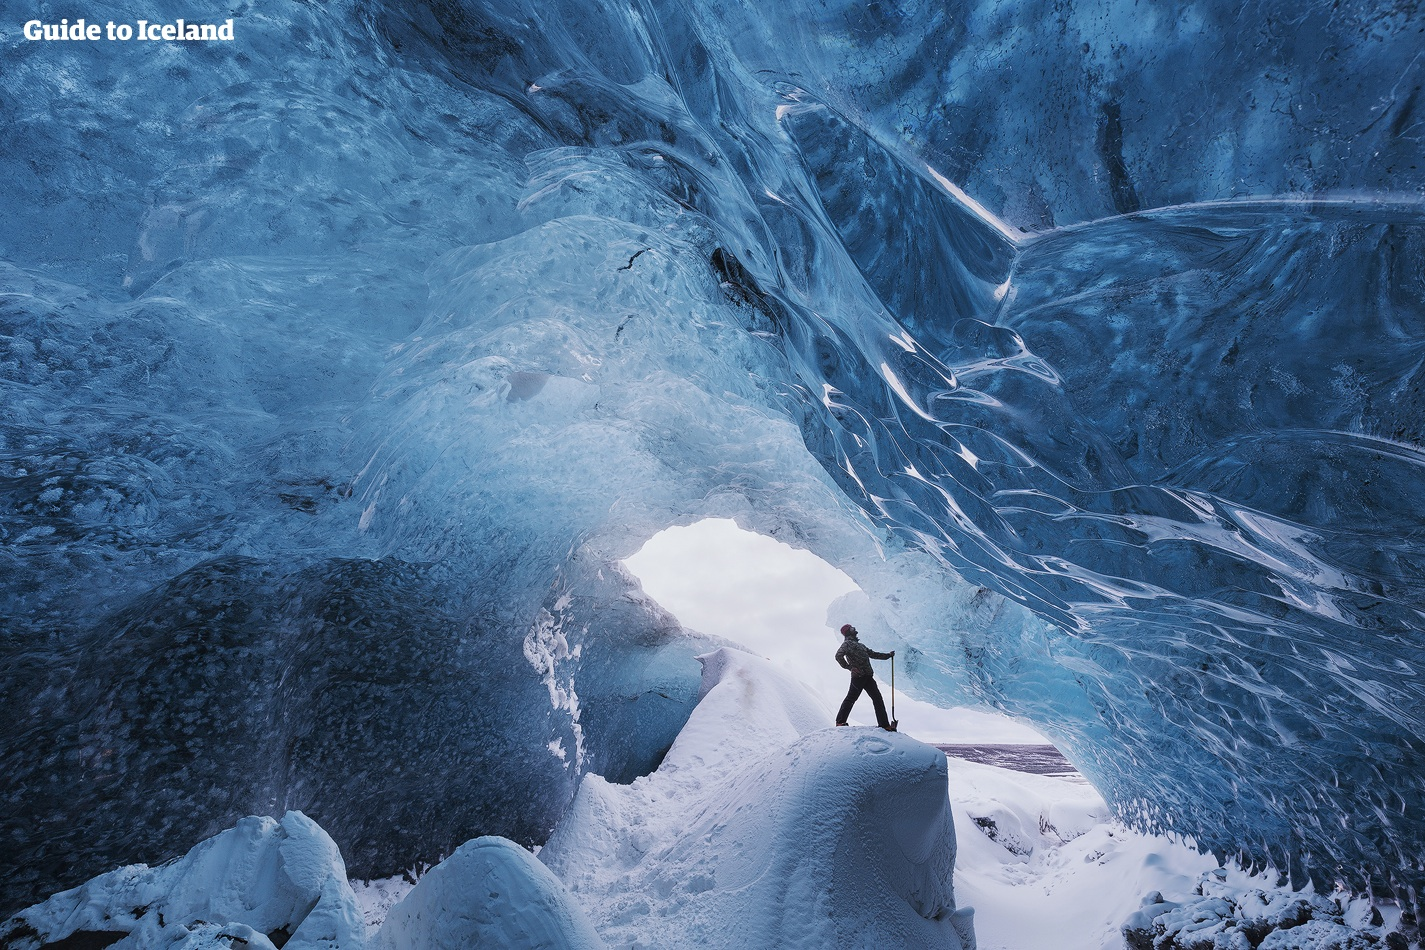 Kask i raki są niezbędne do eksplorowania jaskini lodowej, więc zabierz cienką czapkę i porządne buty.